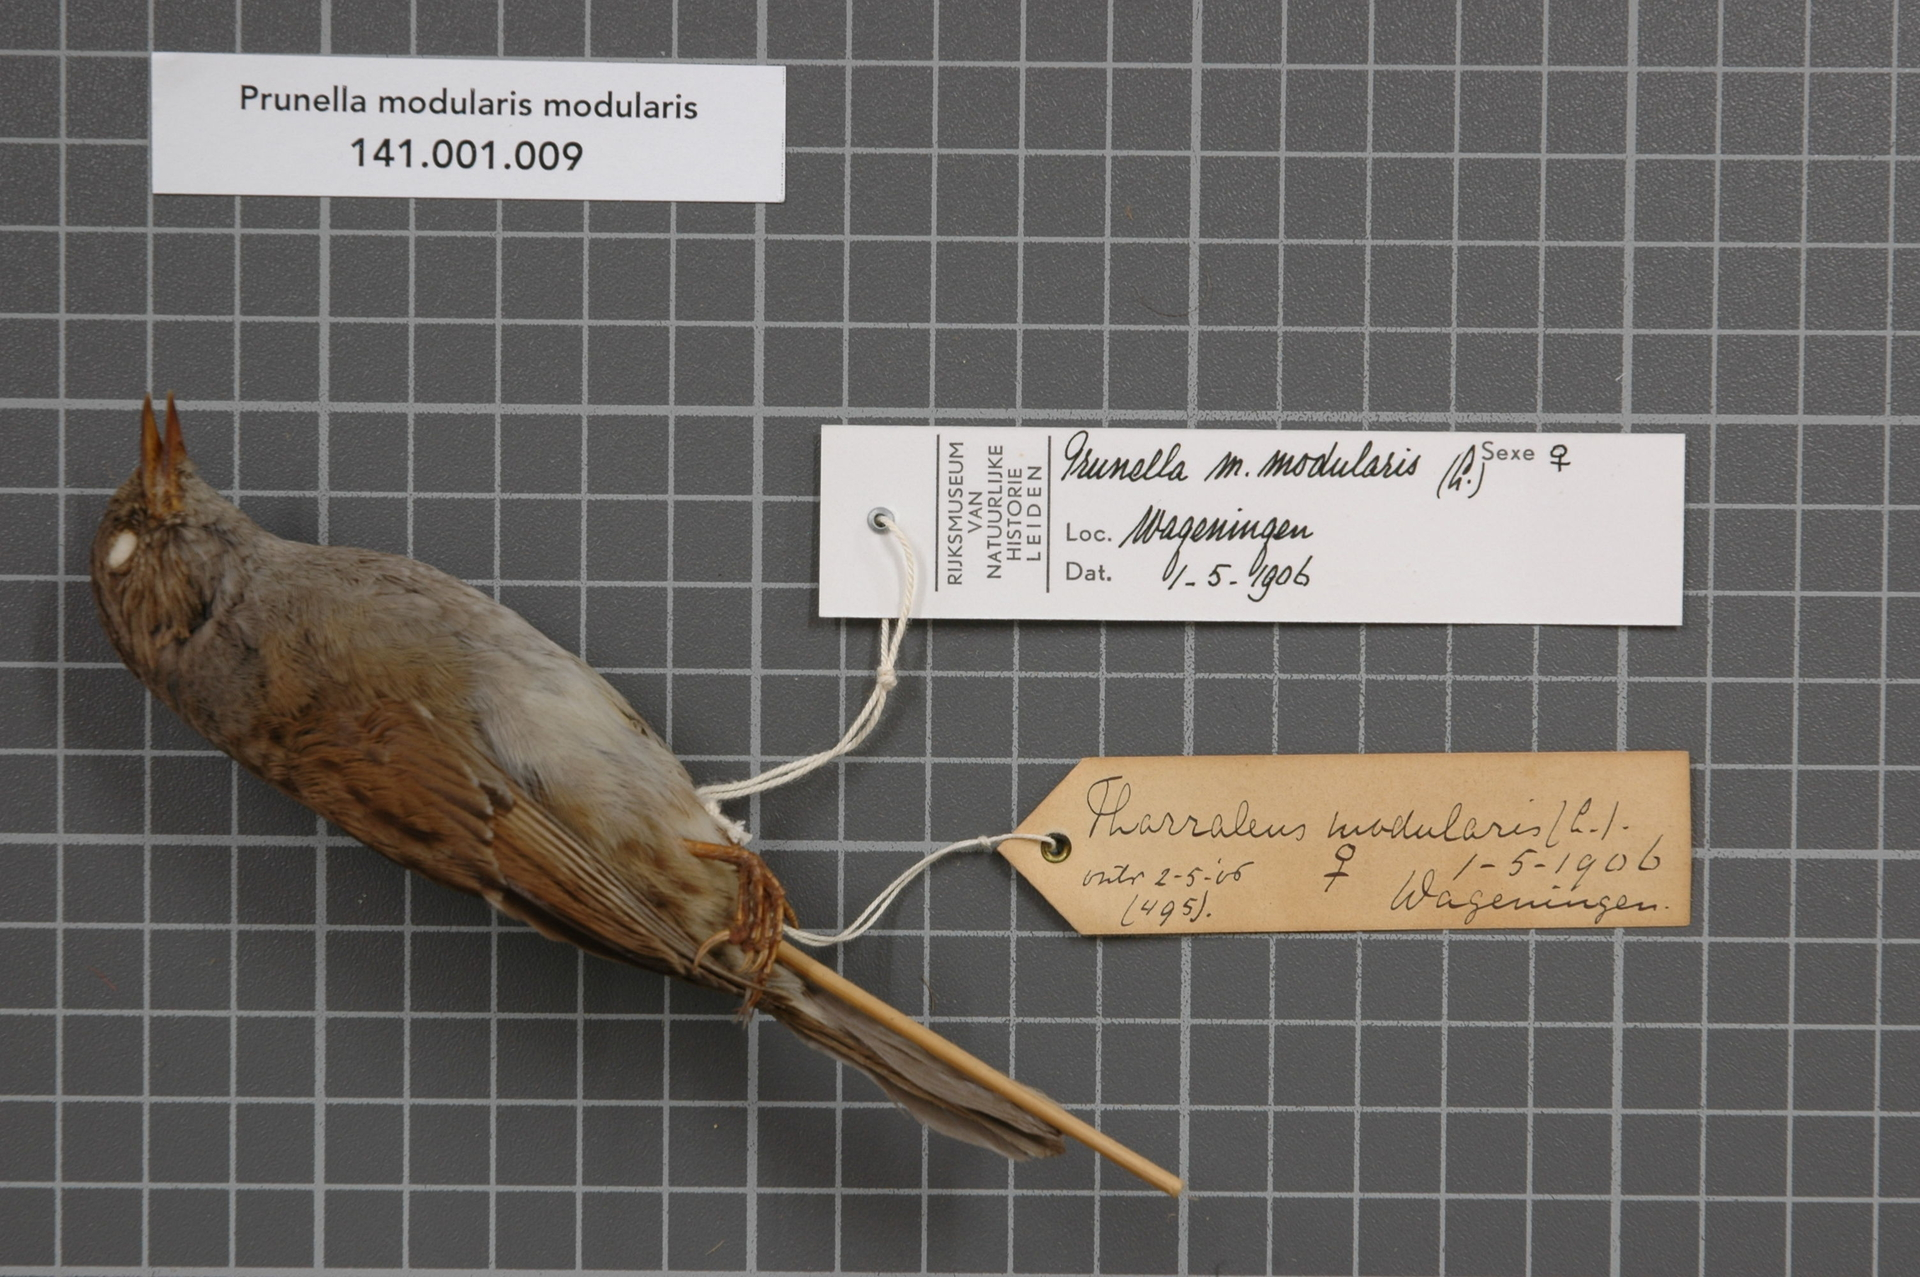 RMNH.AVES.128854   Prunella modularis modularis (Linnaeus, 1758)